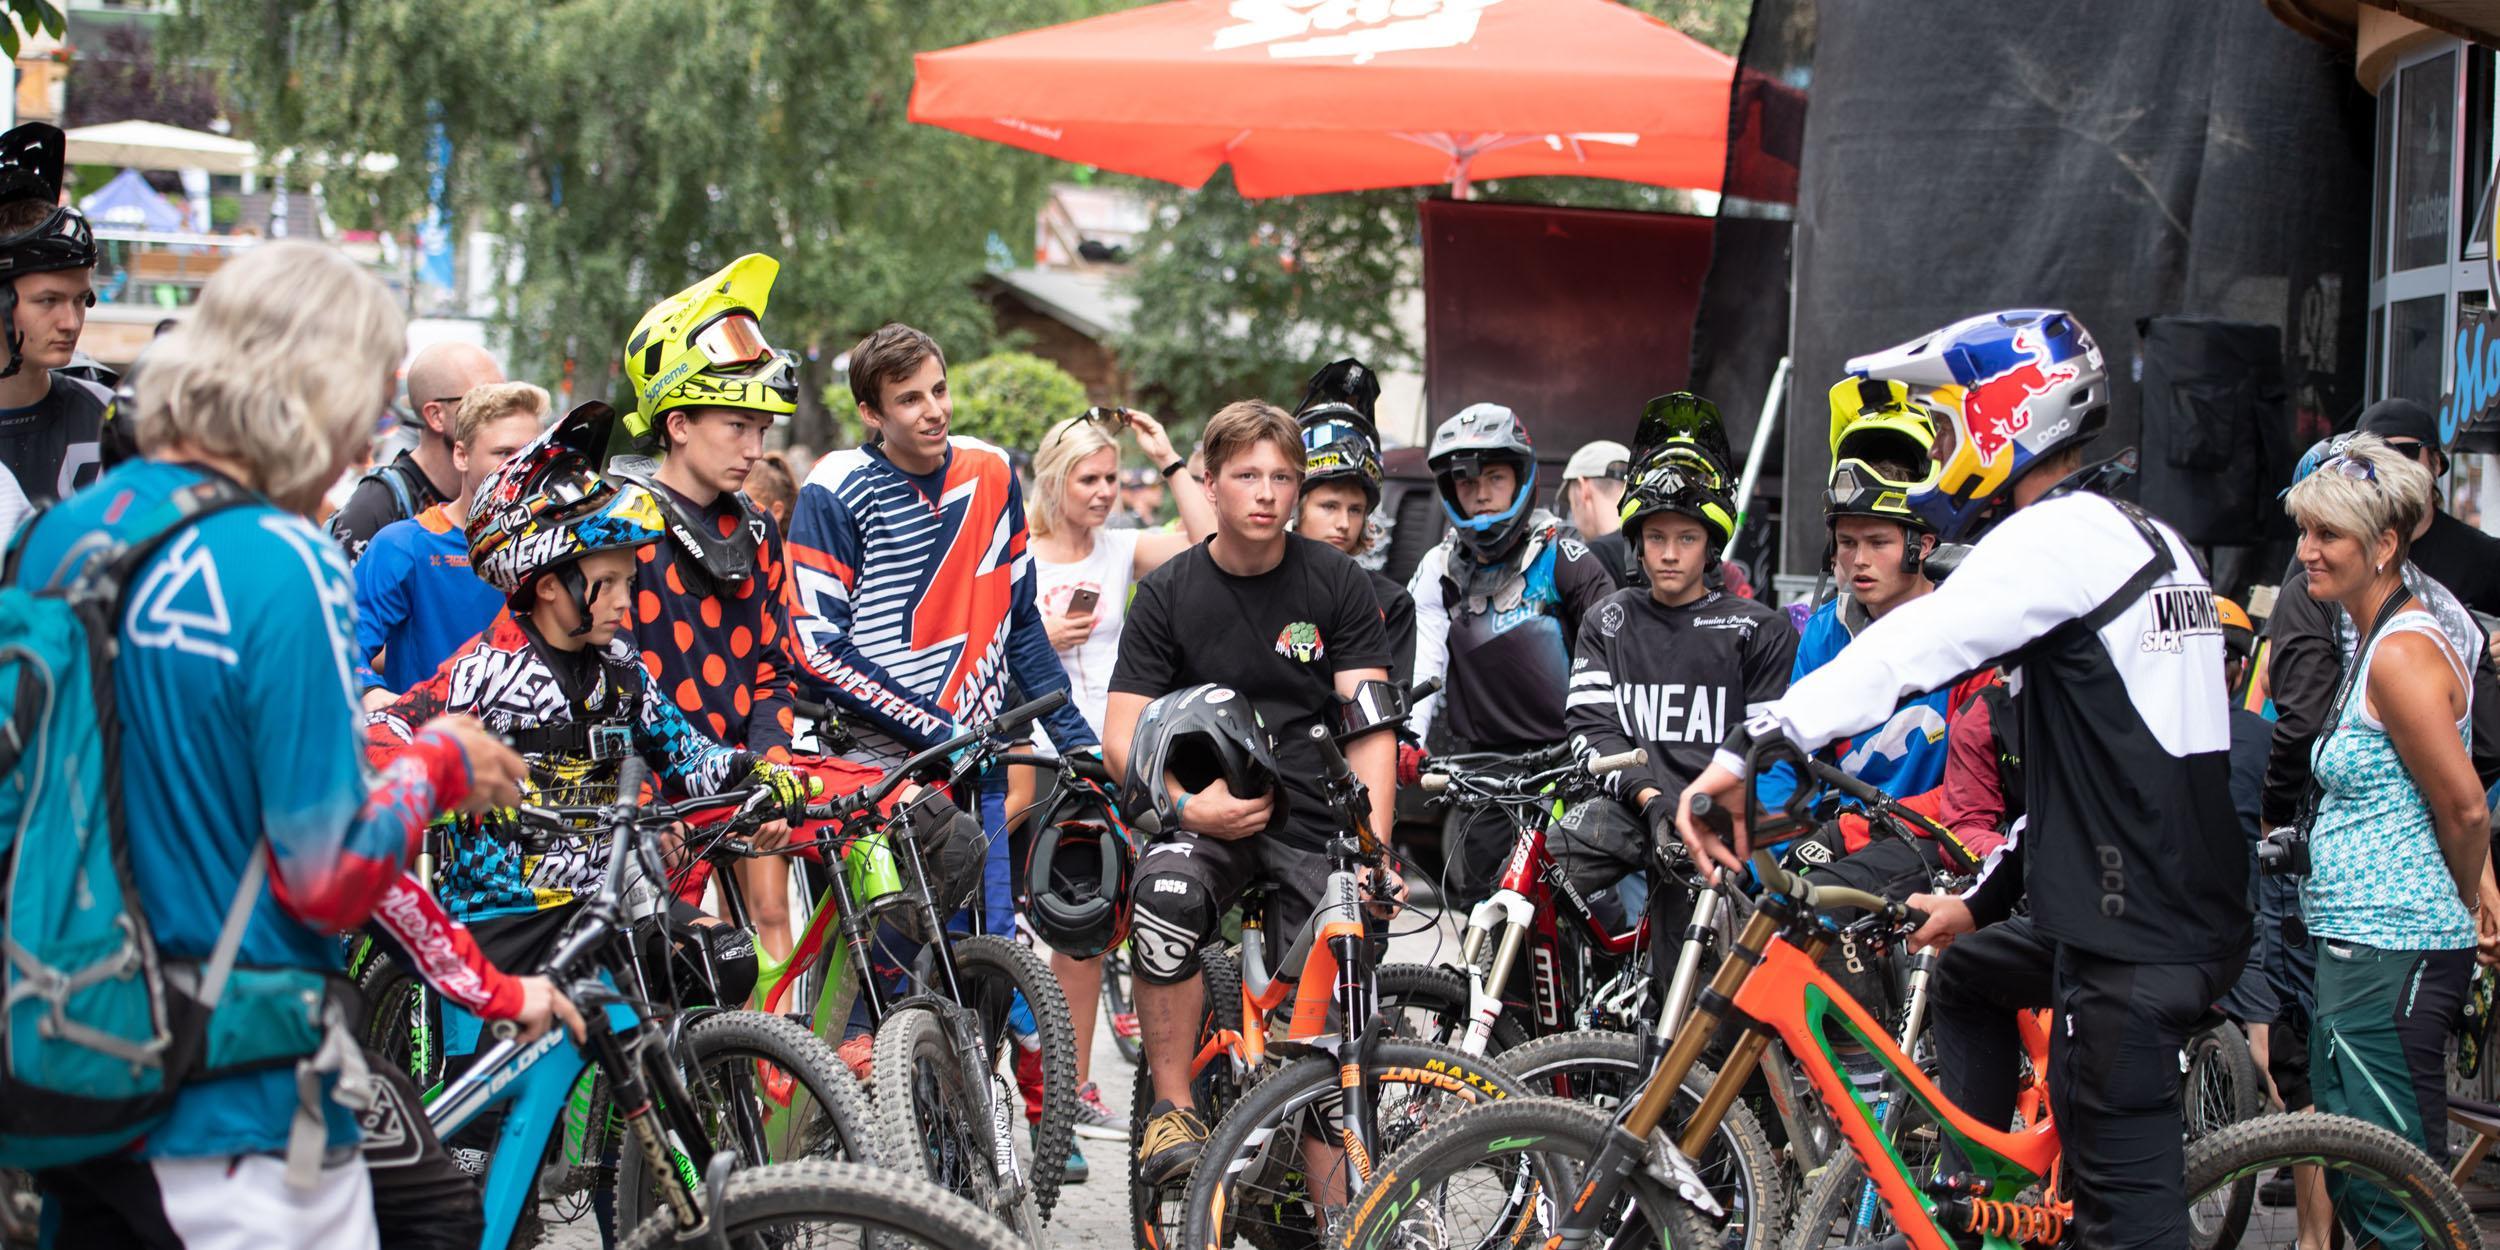 5. GlemmRide Bike Festival